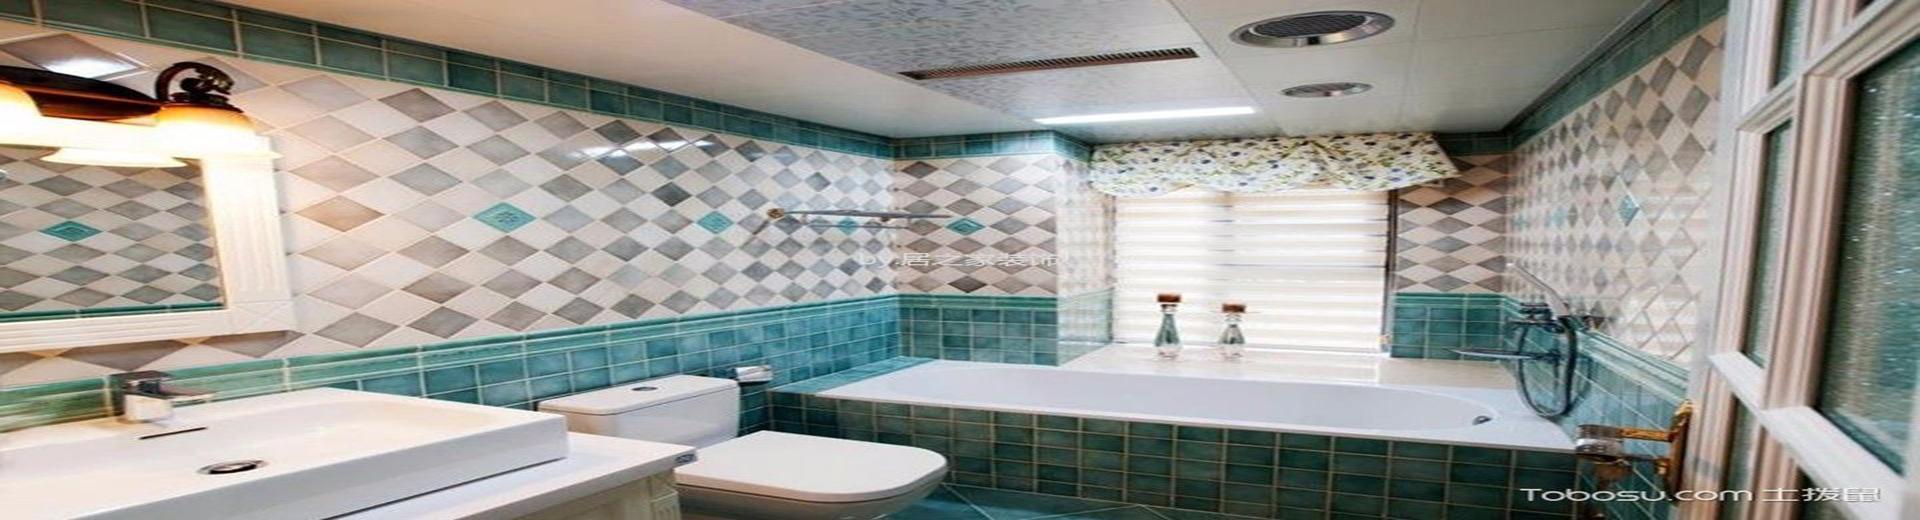 衛生間瓷磚效果圖,防水防潮更美觀